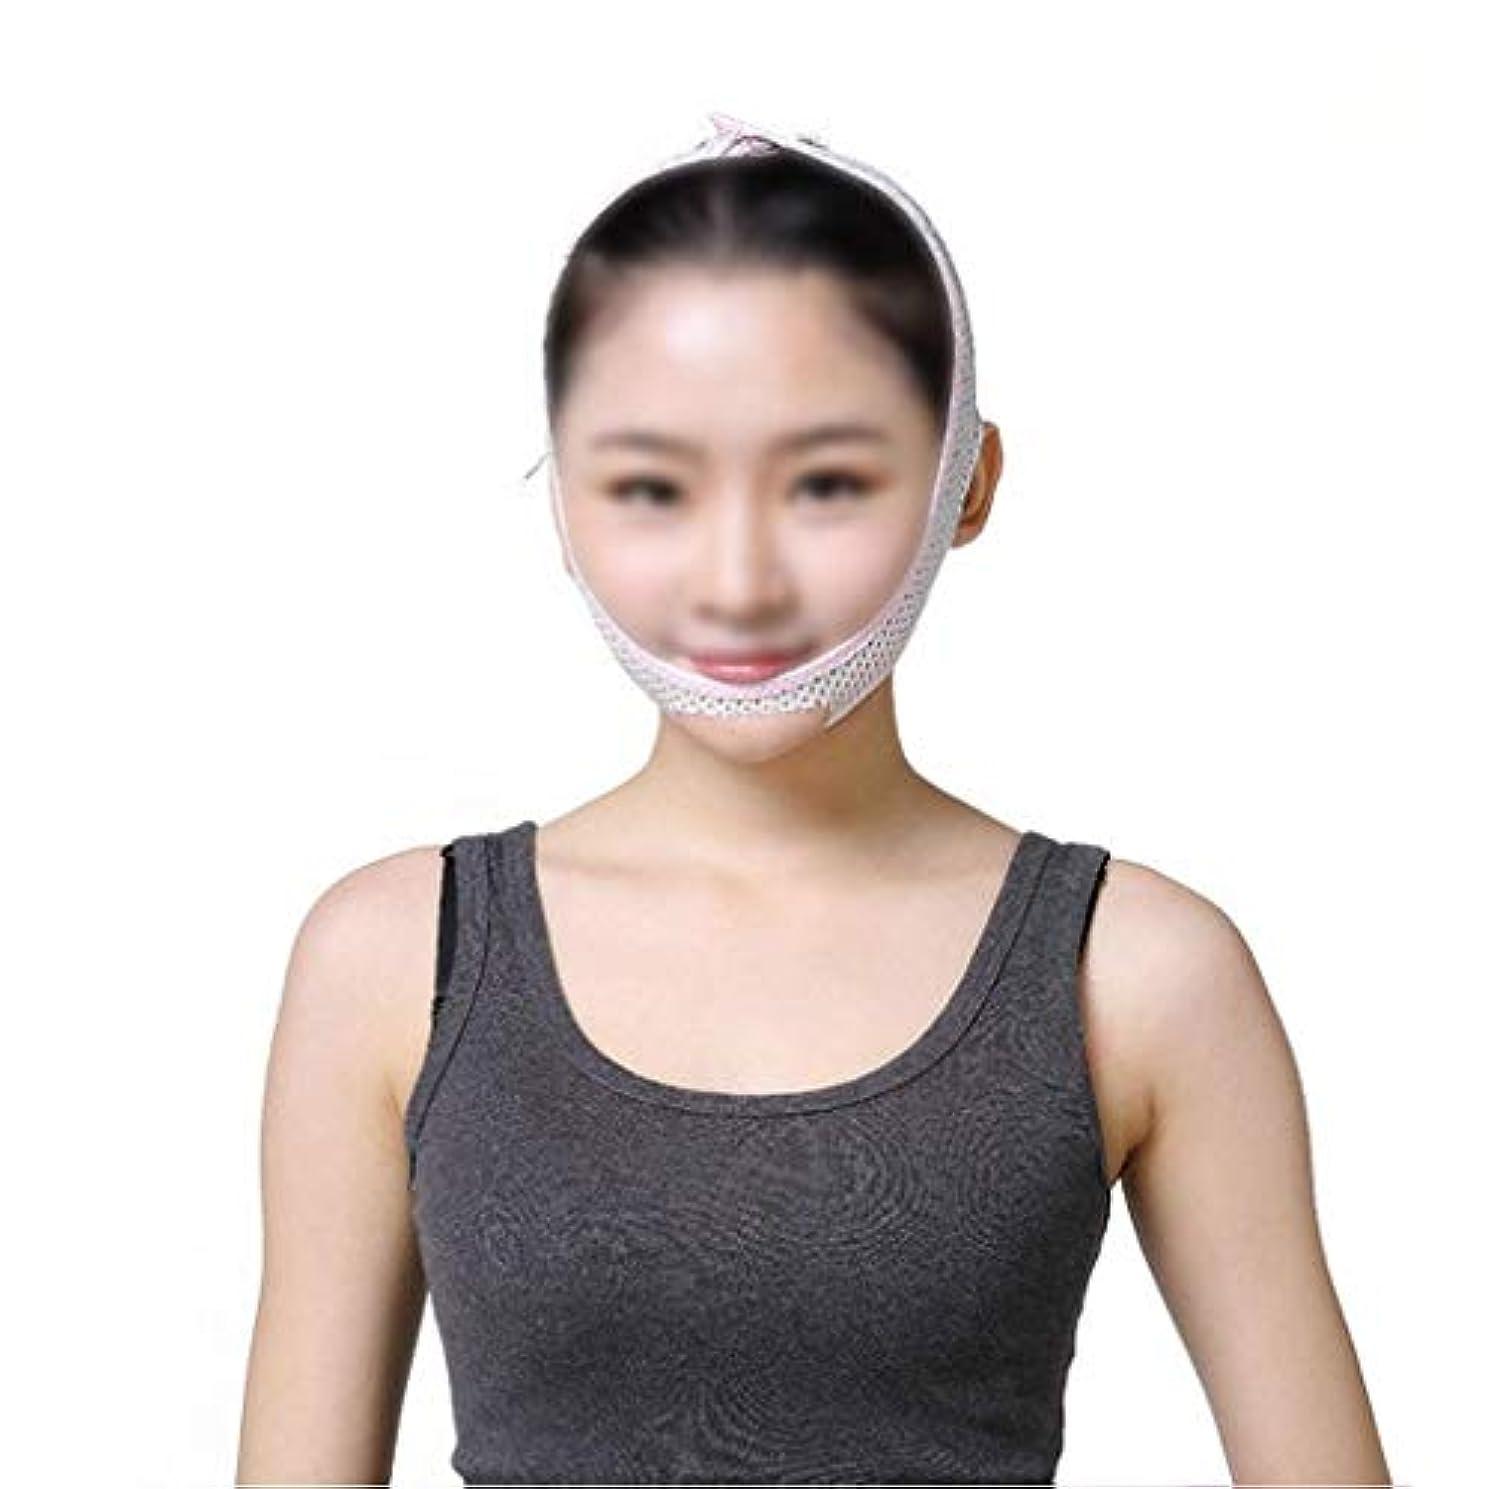 デザイナーに賛成証拠フェイスリフティングマスク、快適で リフティングスキンファーミングスリープシンフェイスアーティファクトアンチリンクル/リムーブダブルチン/術後回復マスク(サイズ:L)